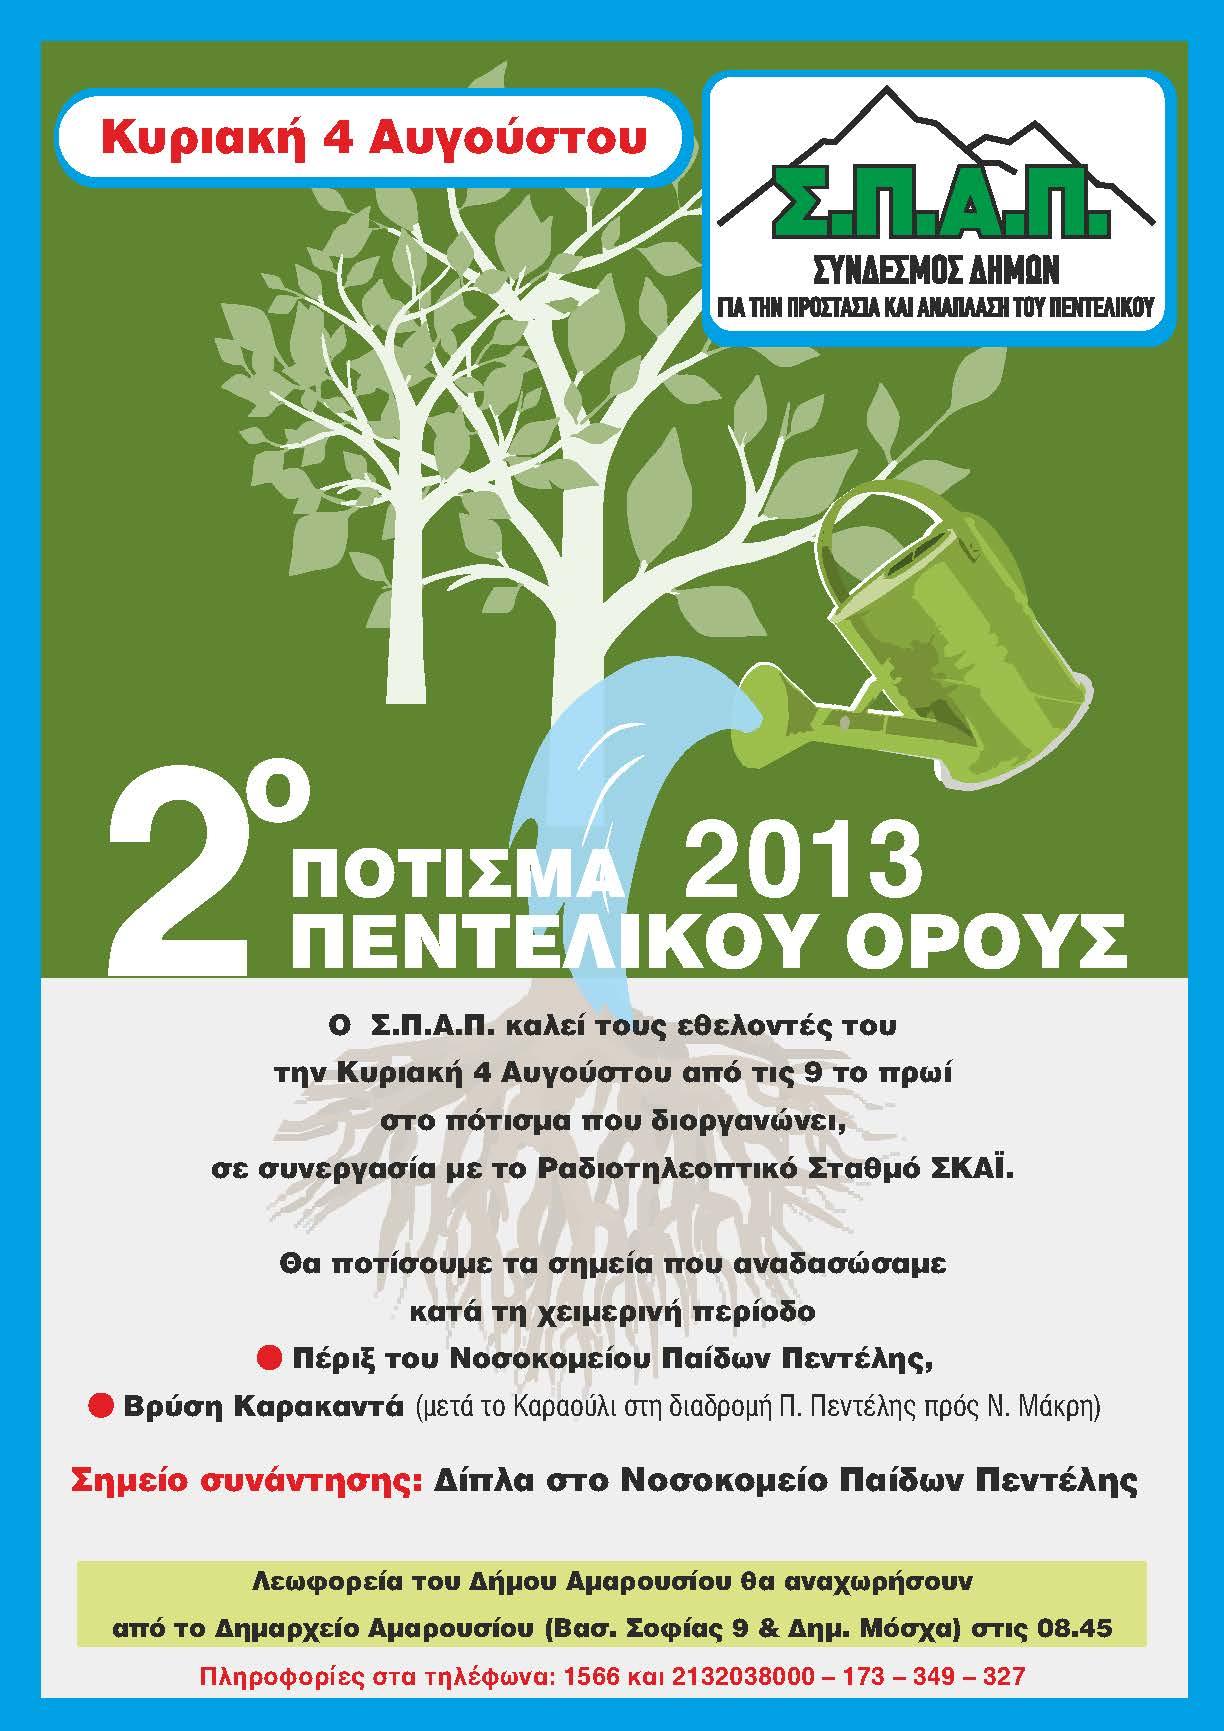 2o_ethelontiko_potisma_2013_spap